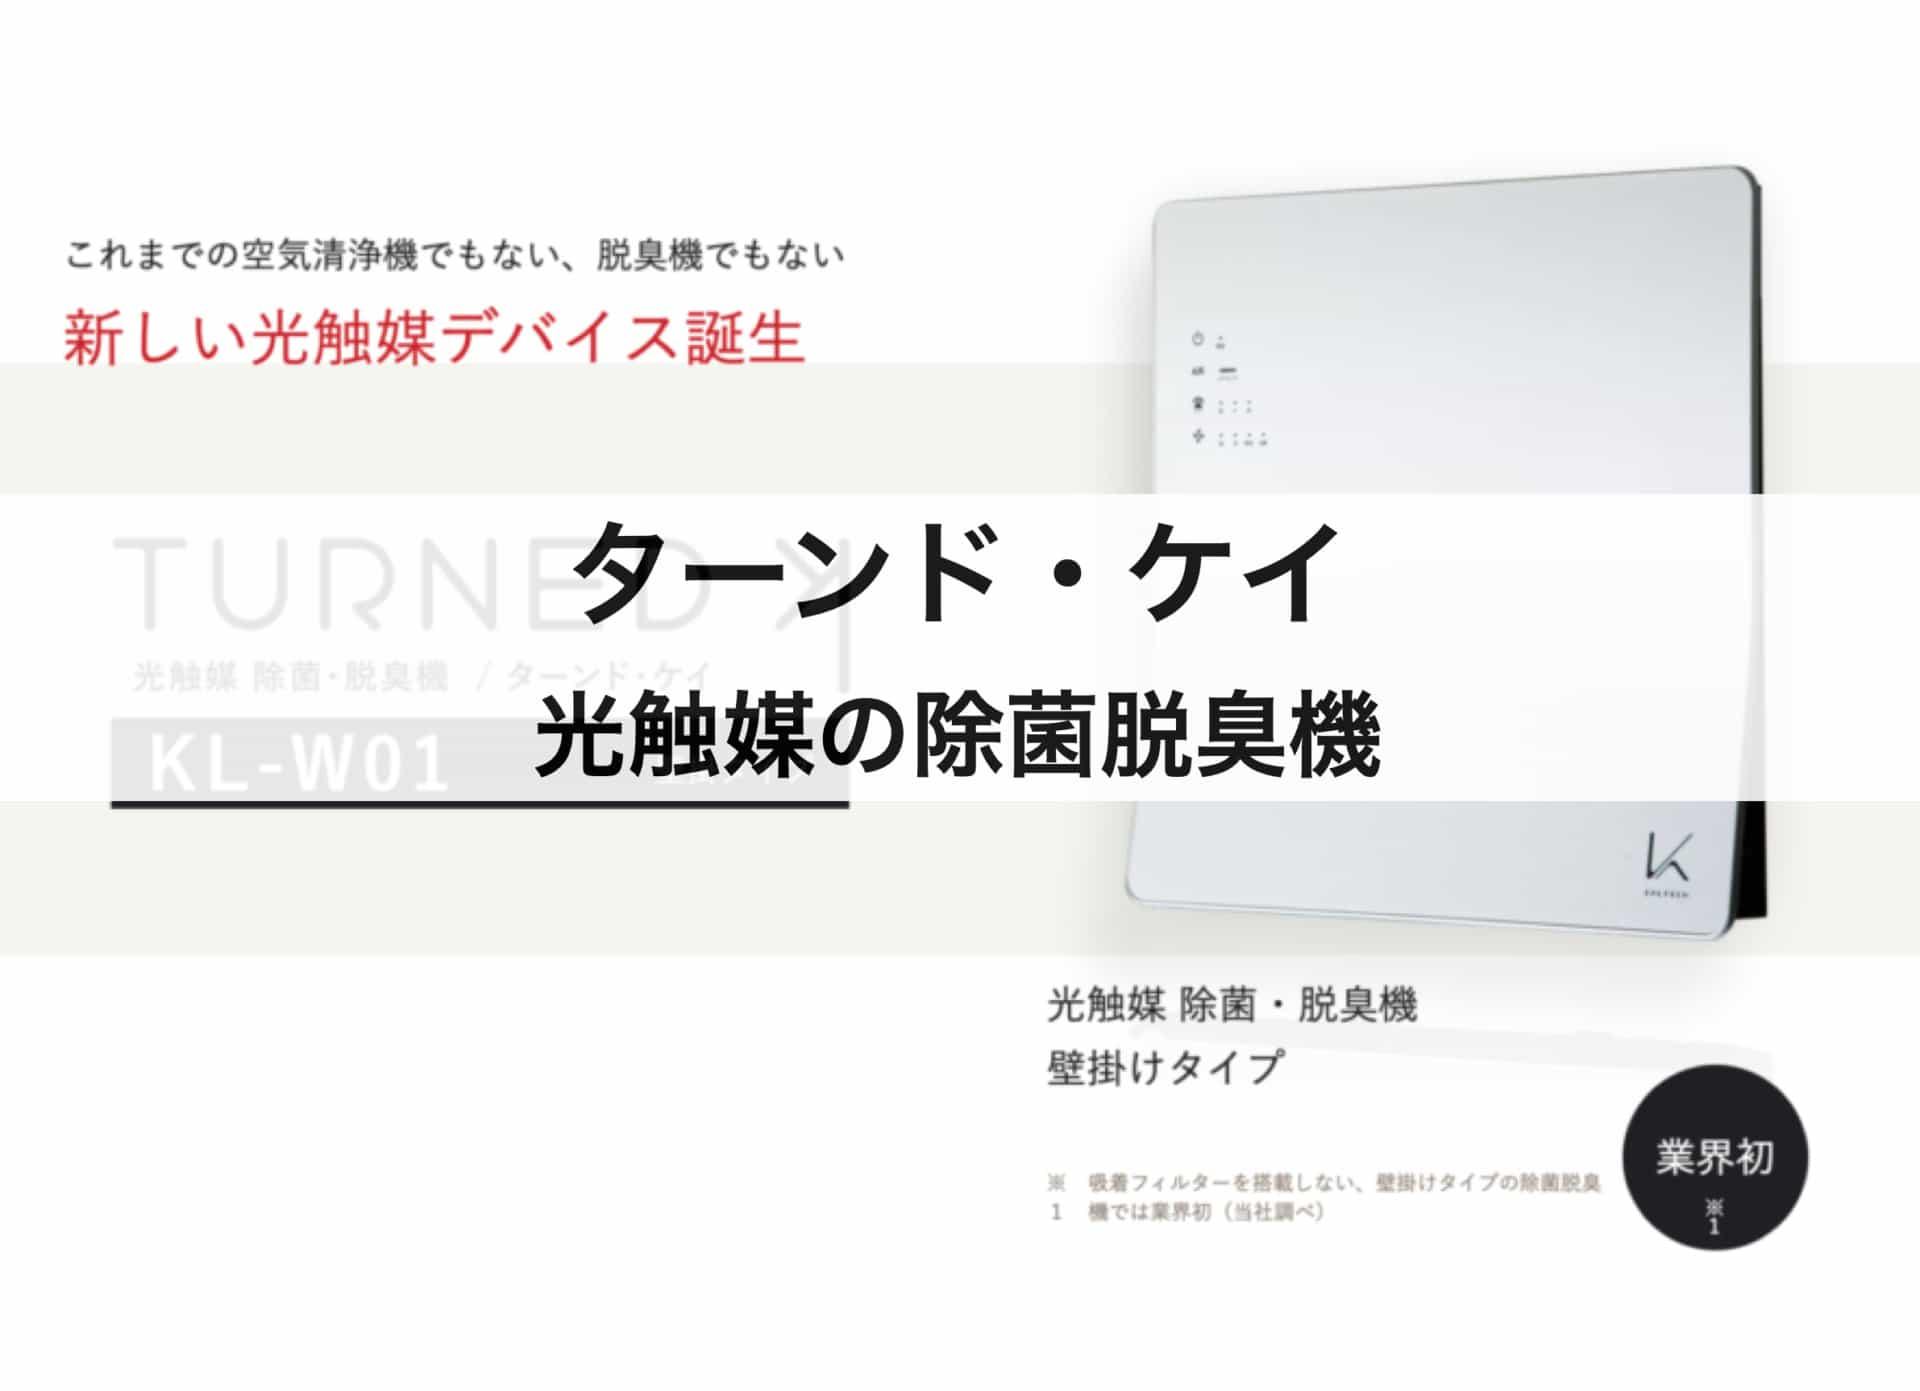 光触媒の除菌脱臭機『ターンド・ケイ』|コロナ対策で注目されている効果や理由を徹底解剖!